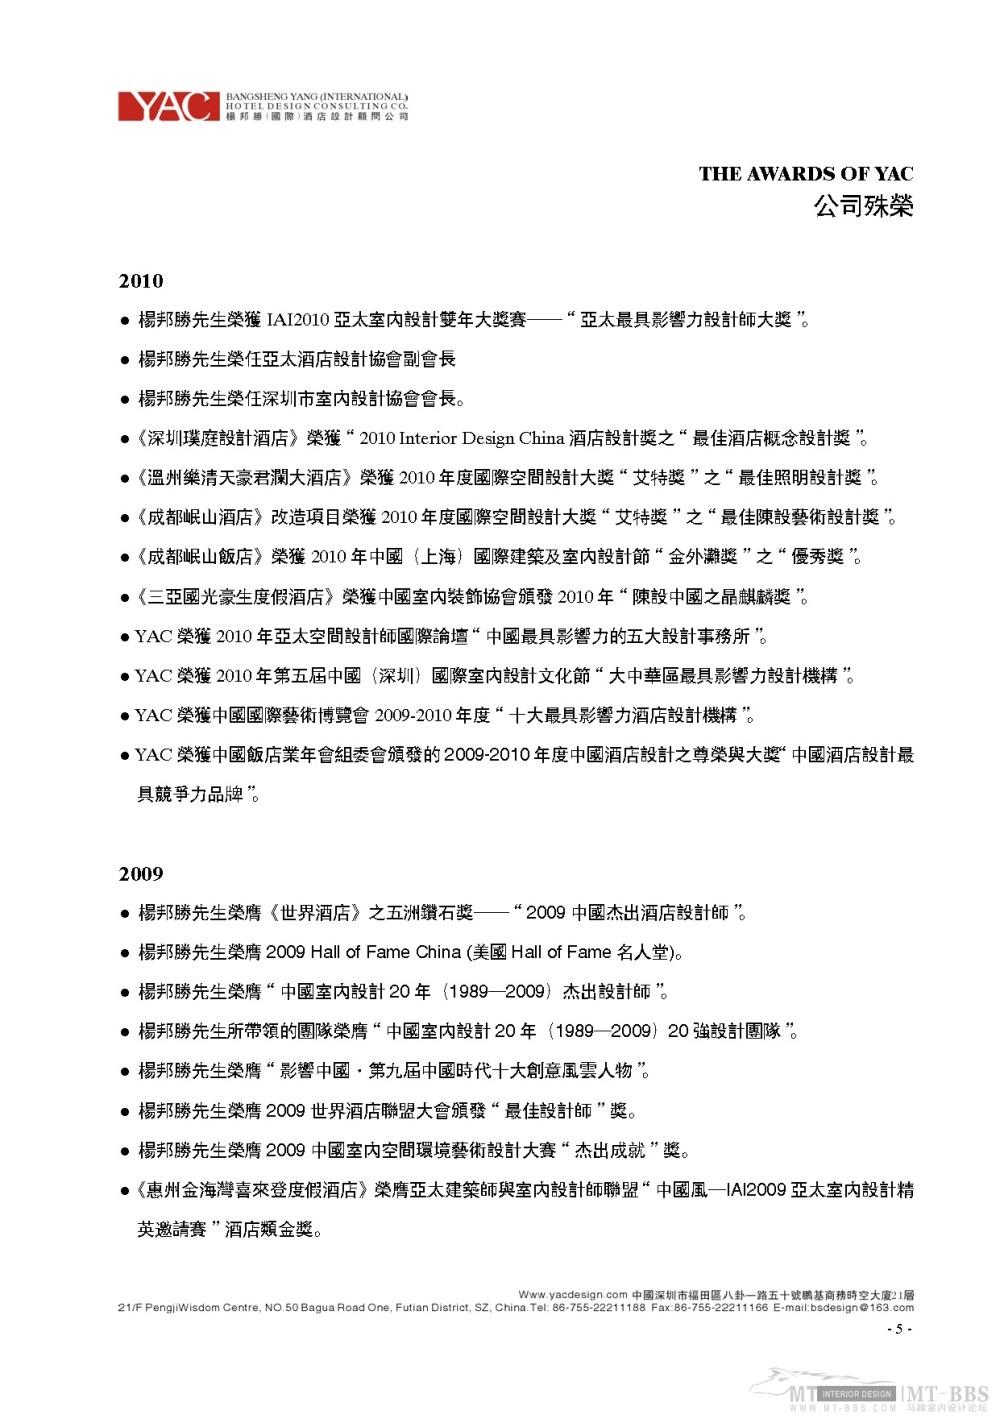 杨邦胜_2011.03.30YAC(国际)杨邦胜酒店设计顾问公司简介_页面_05.jpg